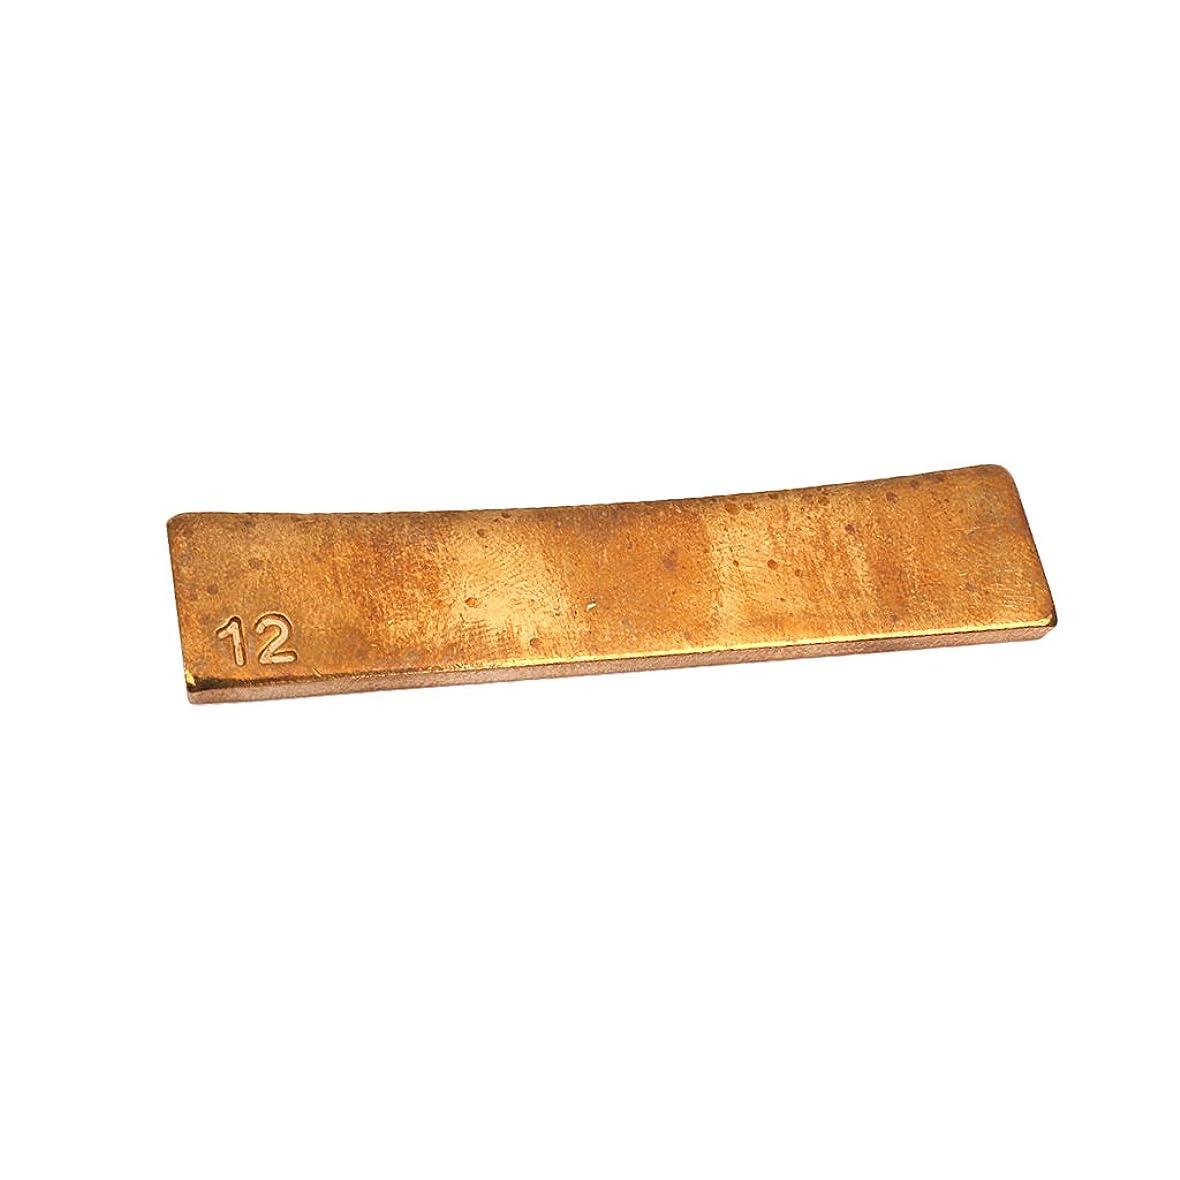 掘る元に戻す相関するHomyl 耐久性 真ちゅう製 ギター半径 フレットプレスカウル インサート 全9サイズ - 12 インチ